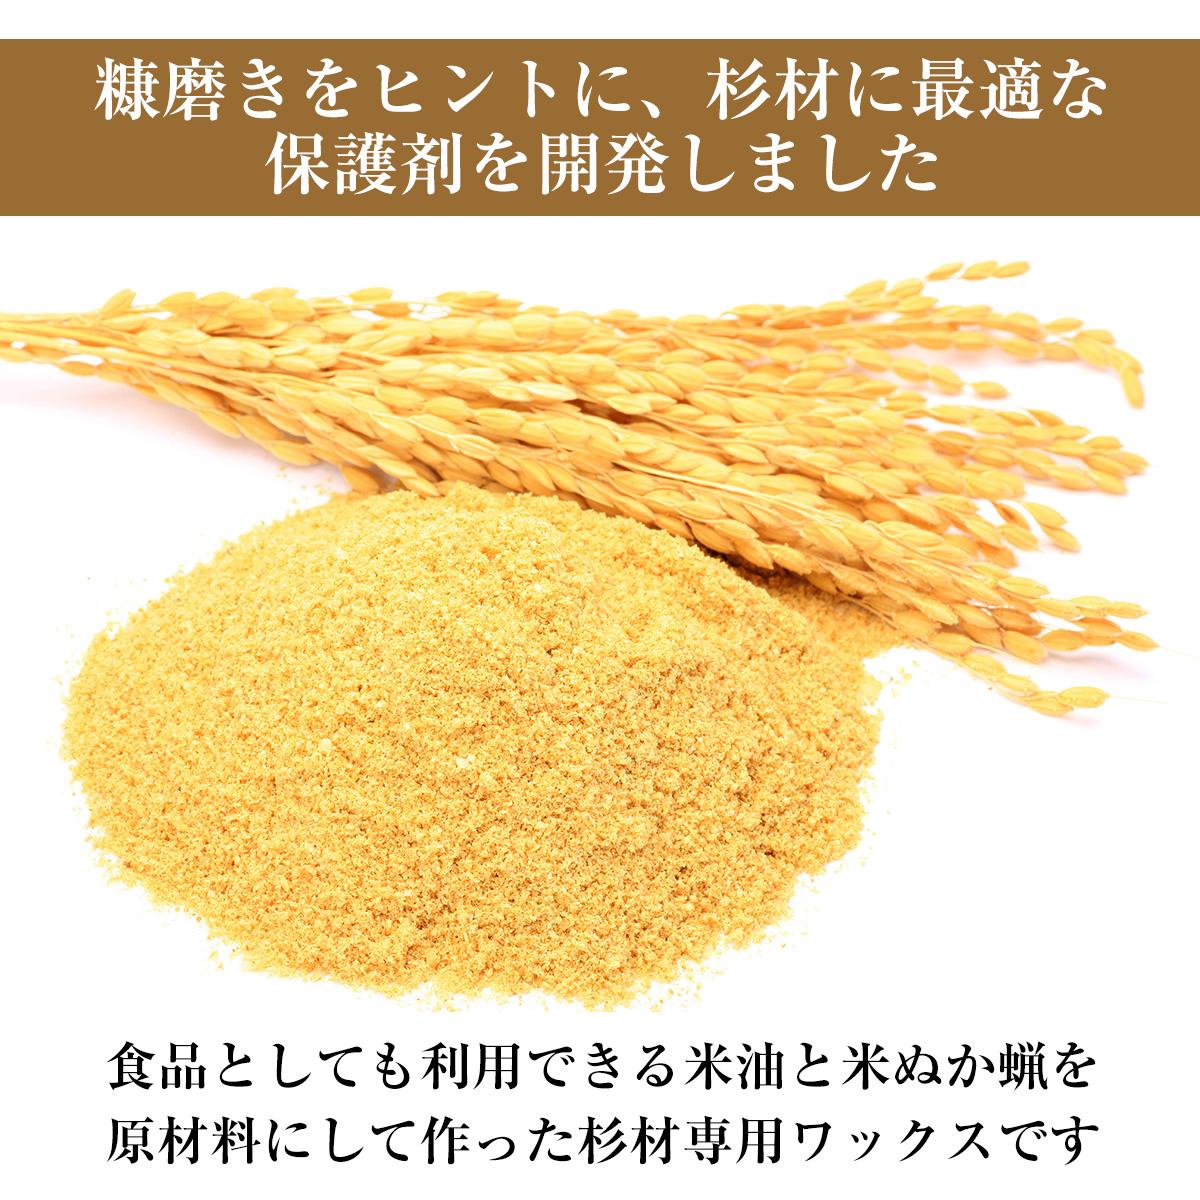 糠磨きをヒントに、杉材に最適な保護剤を開発しました 食品としても利用できる米油と米ぬか蝋を原材料として作った杉材専用ワックスです